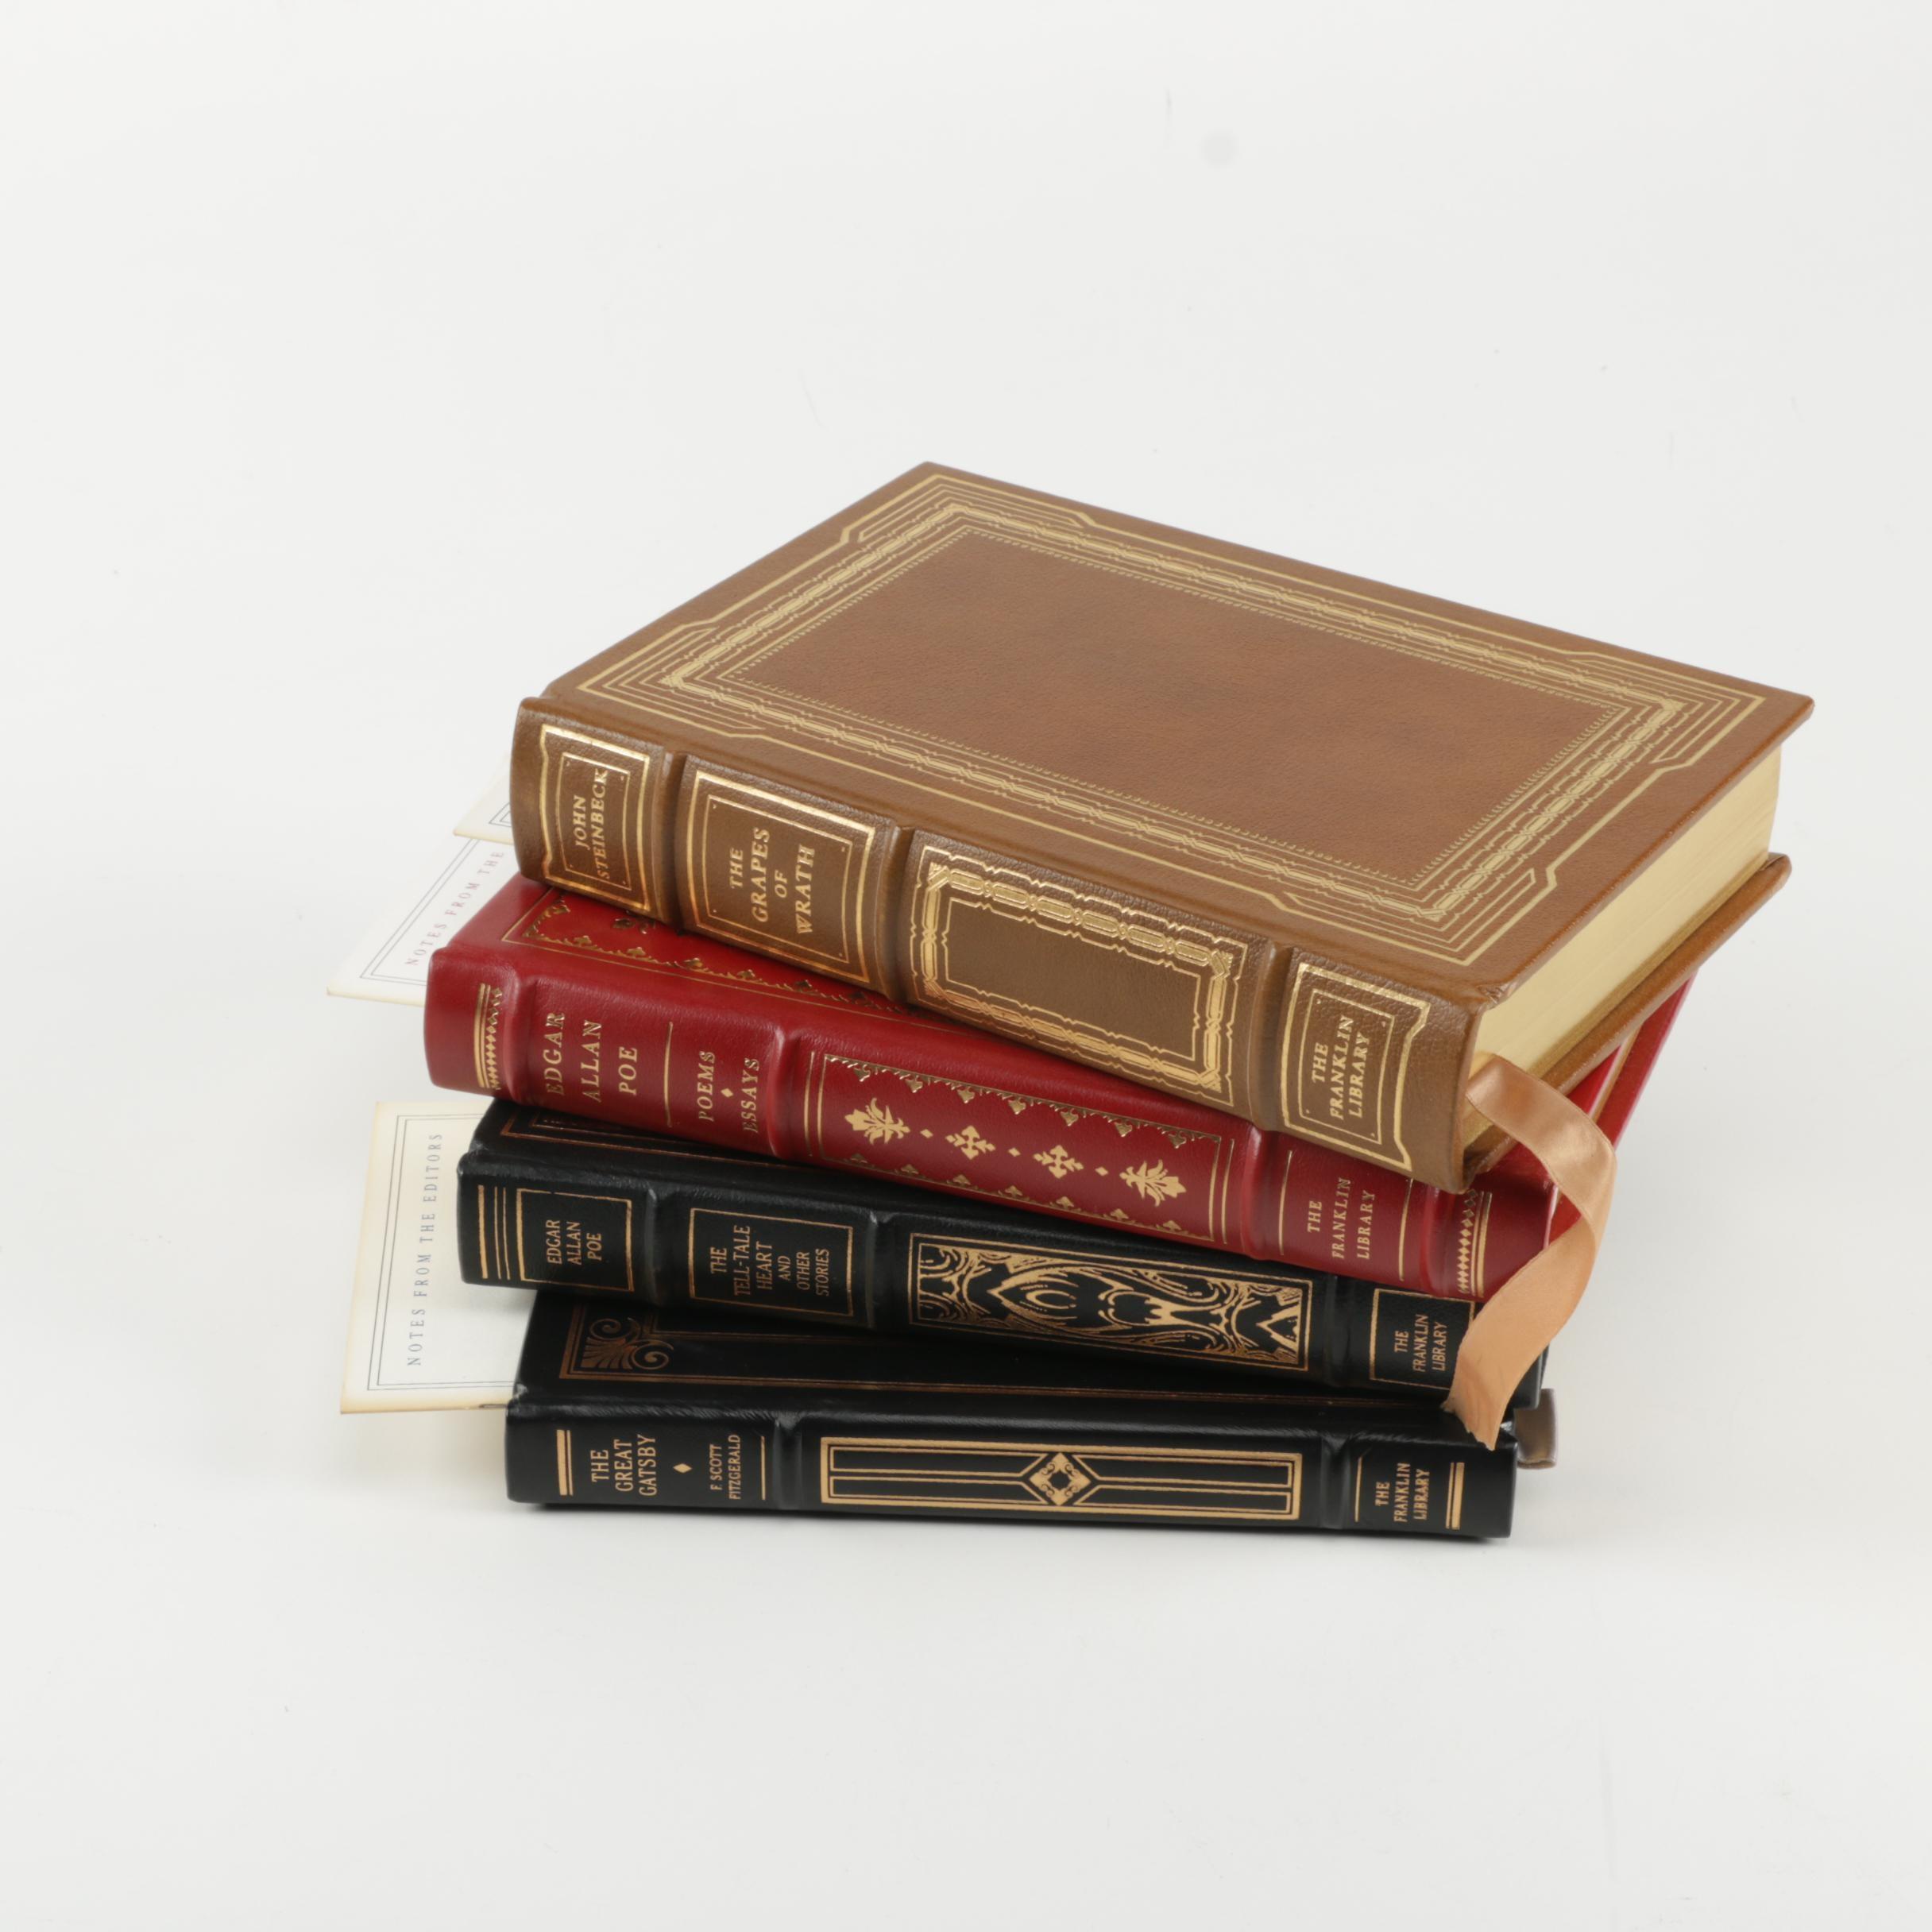 Published essays on 1984